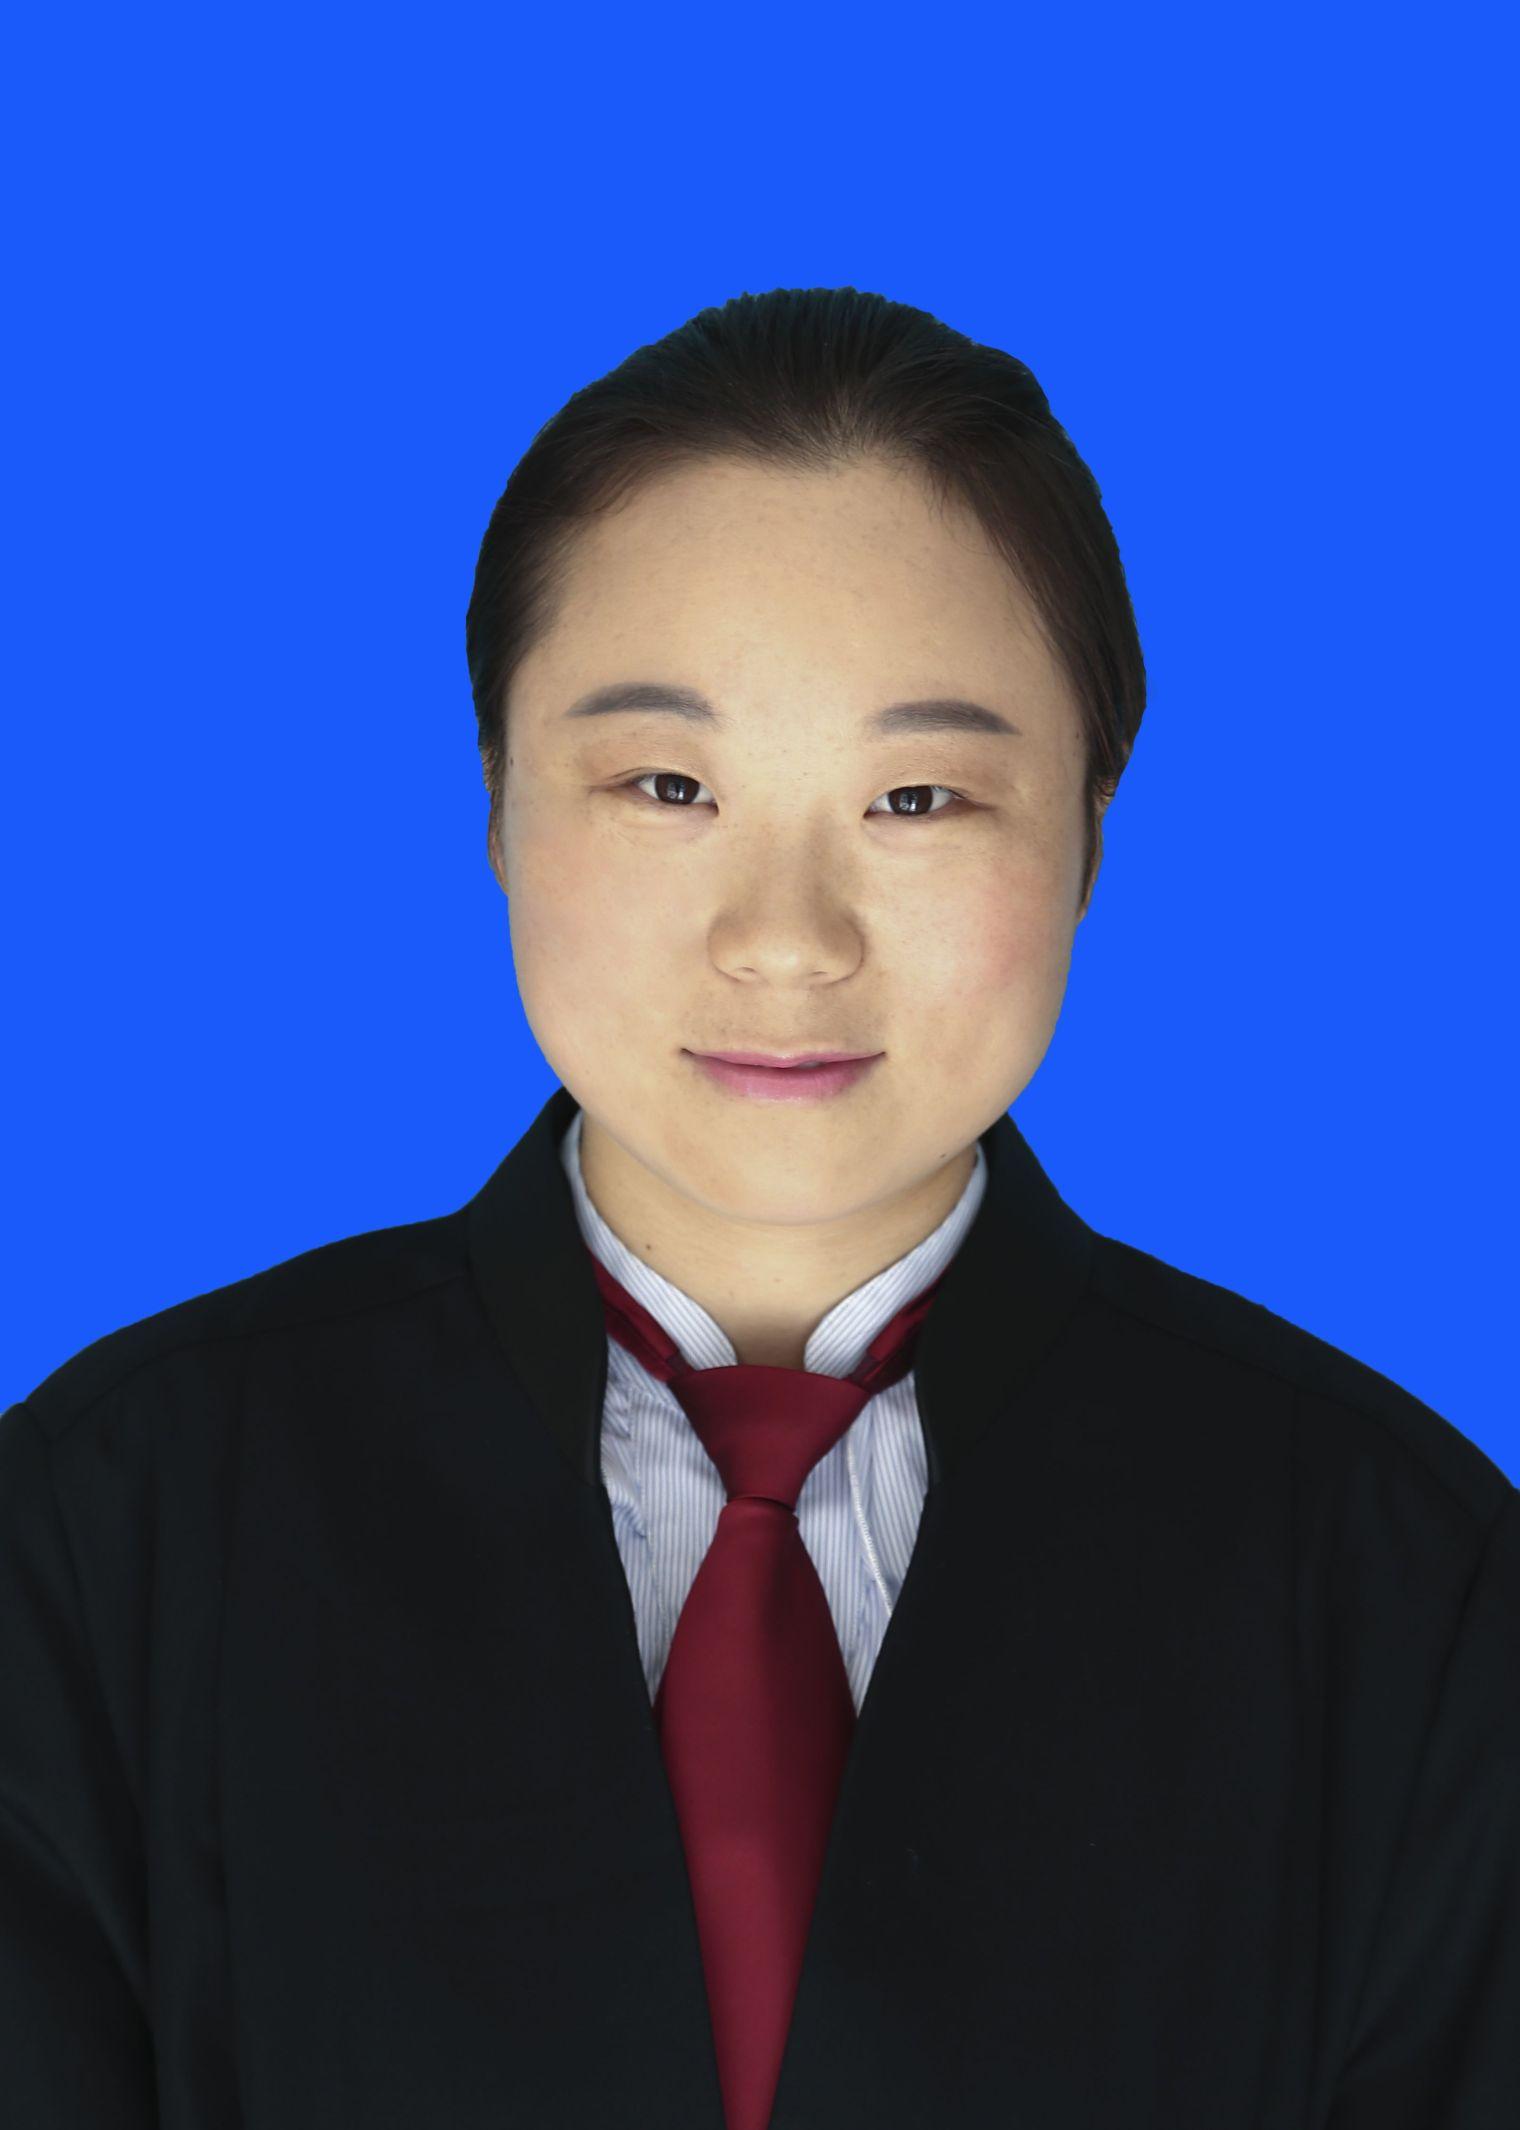 安徽怀远卞和律师事务所王漫漫律师电话、简历(图) — 蚌埠律师图片